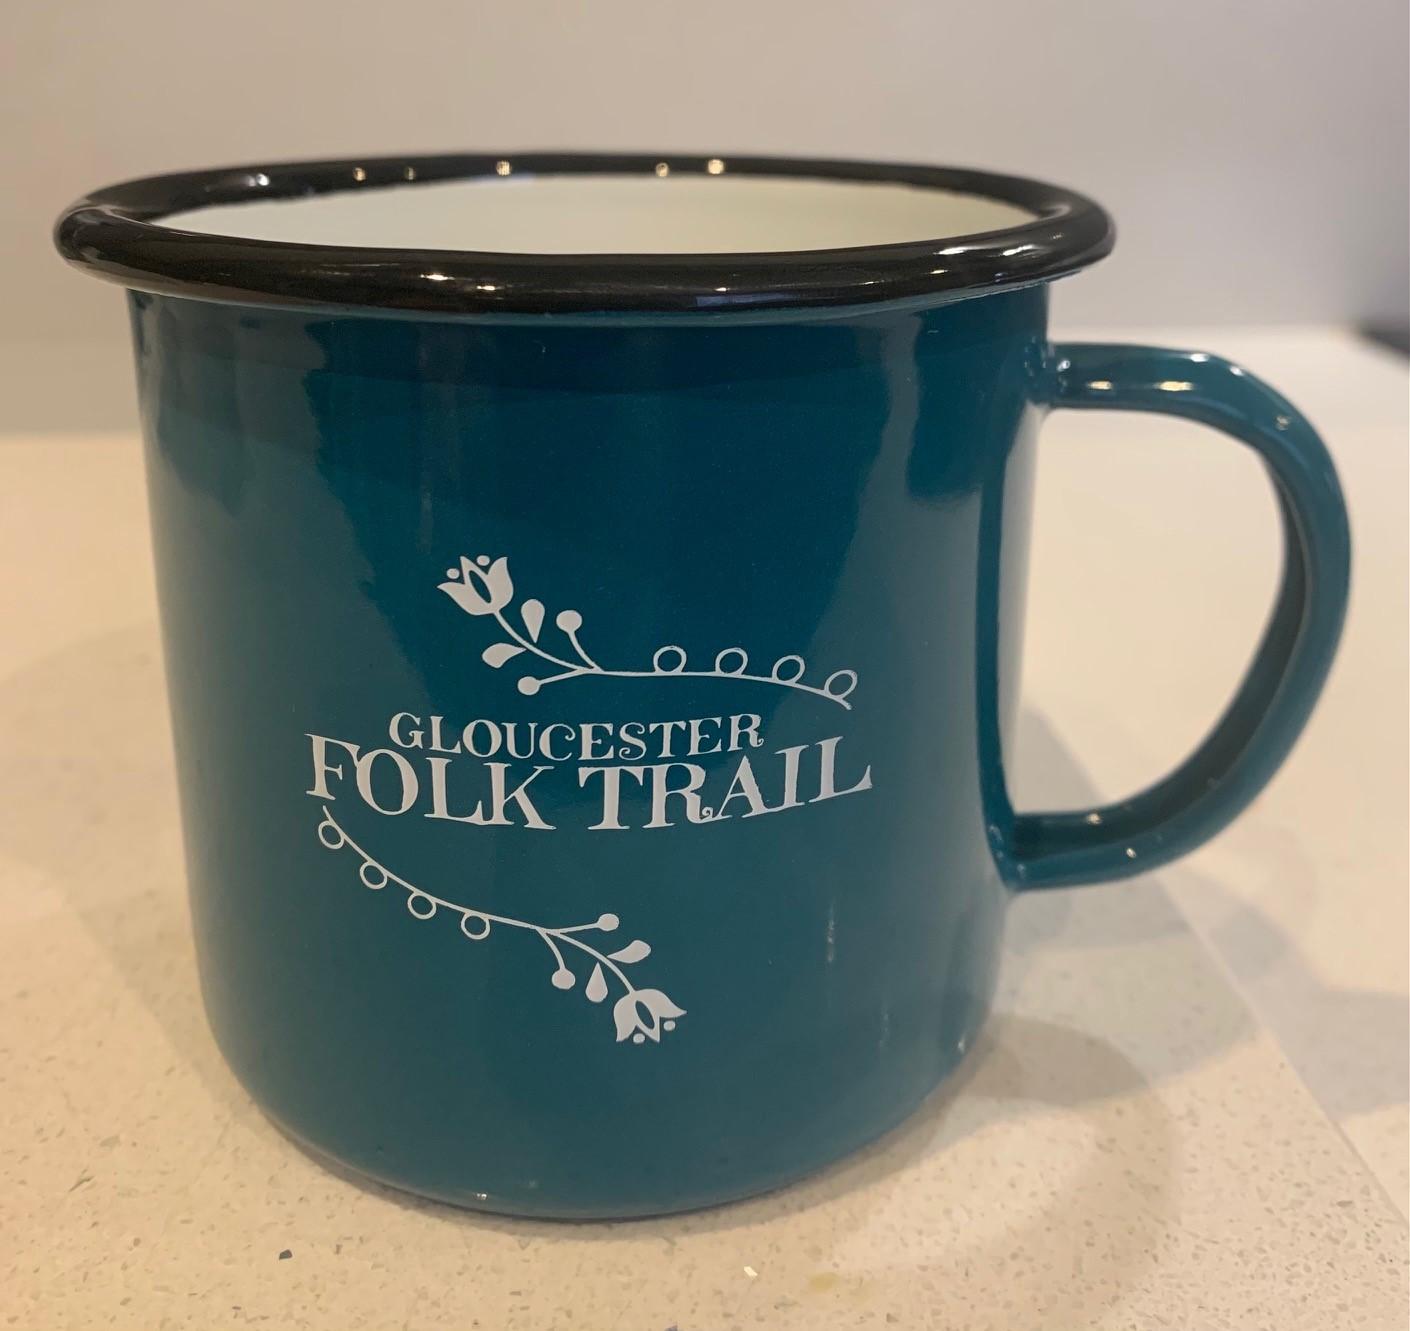 Gloucester Folk Trail MUG